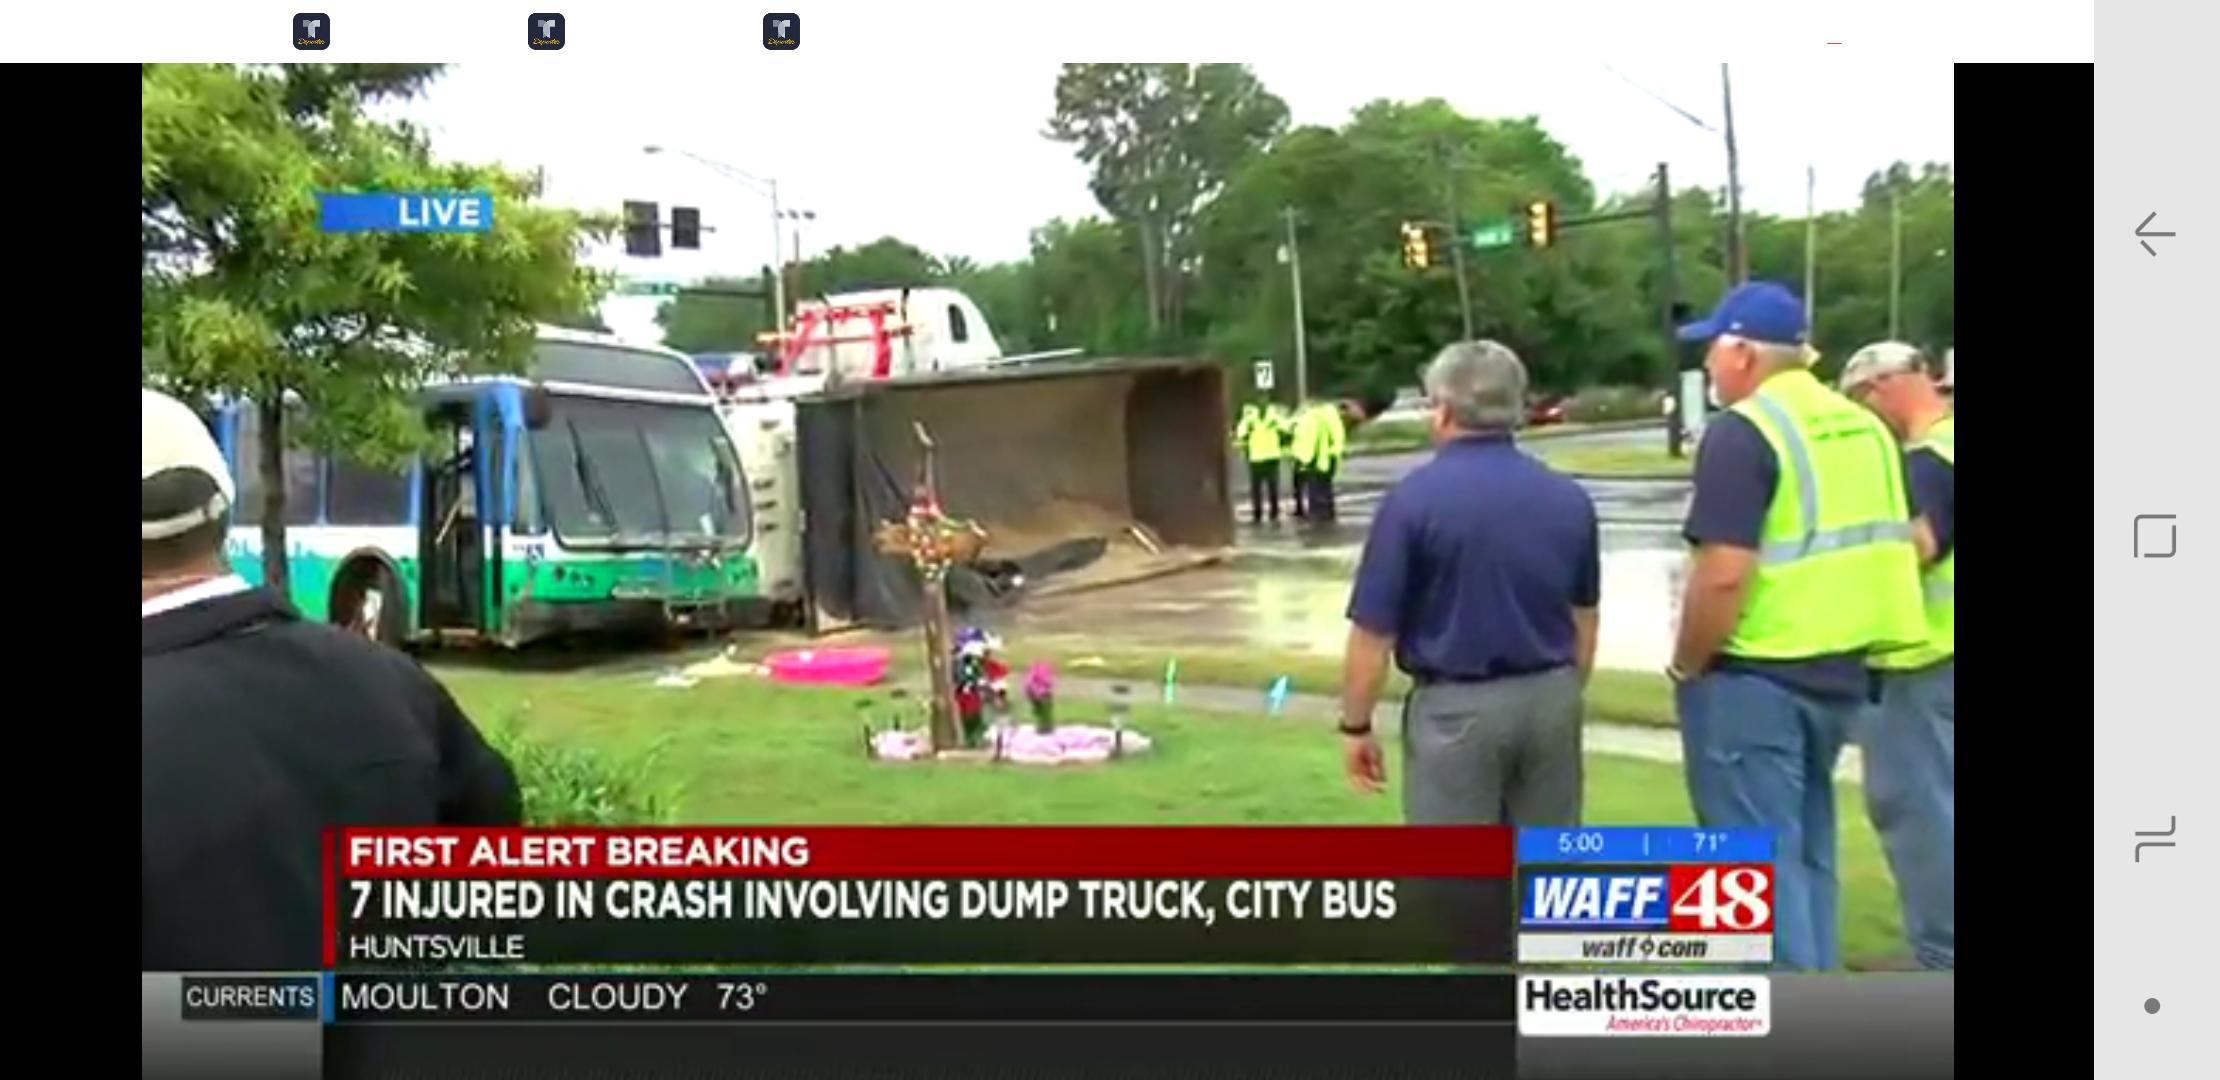 7 heridos en un accidente que involucra camión de volteo, autobús de la ciudad de Huntsville, camioneta